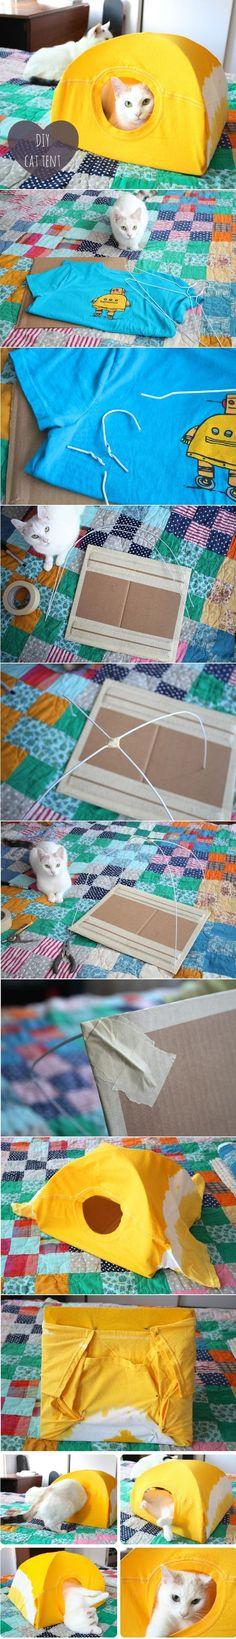 Construye una casa para tu gatico usando una vieja T-Shirt que no uses. #DIY #Hazlotumismo #mascotas #diycattentlove